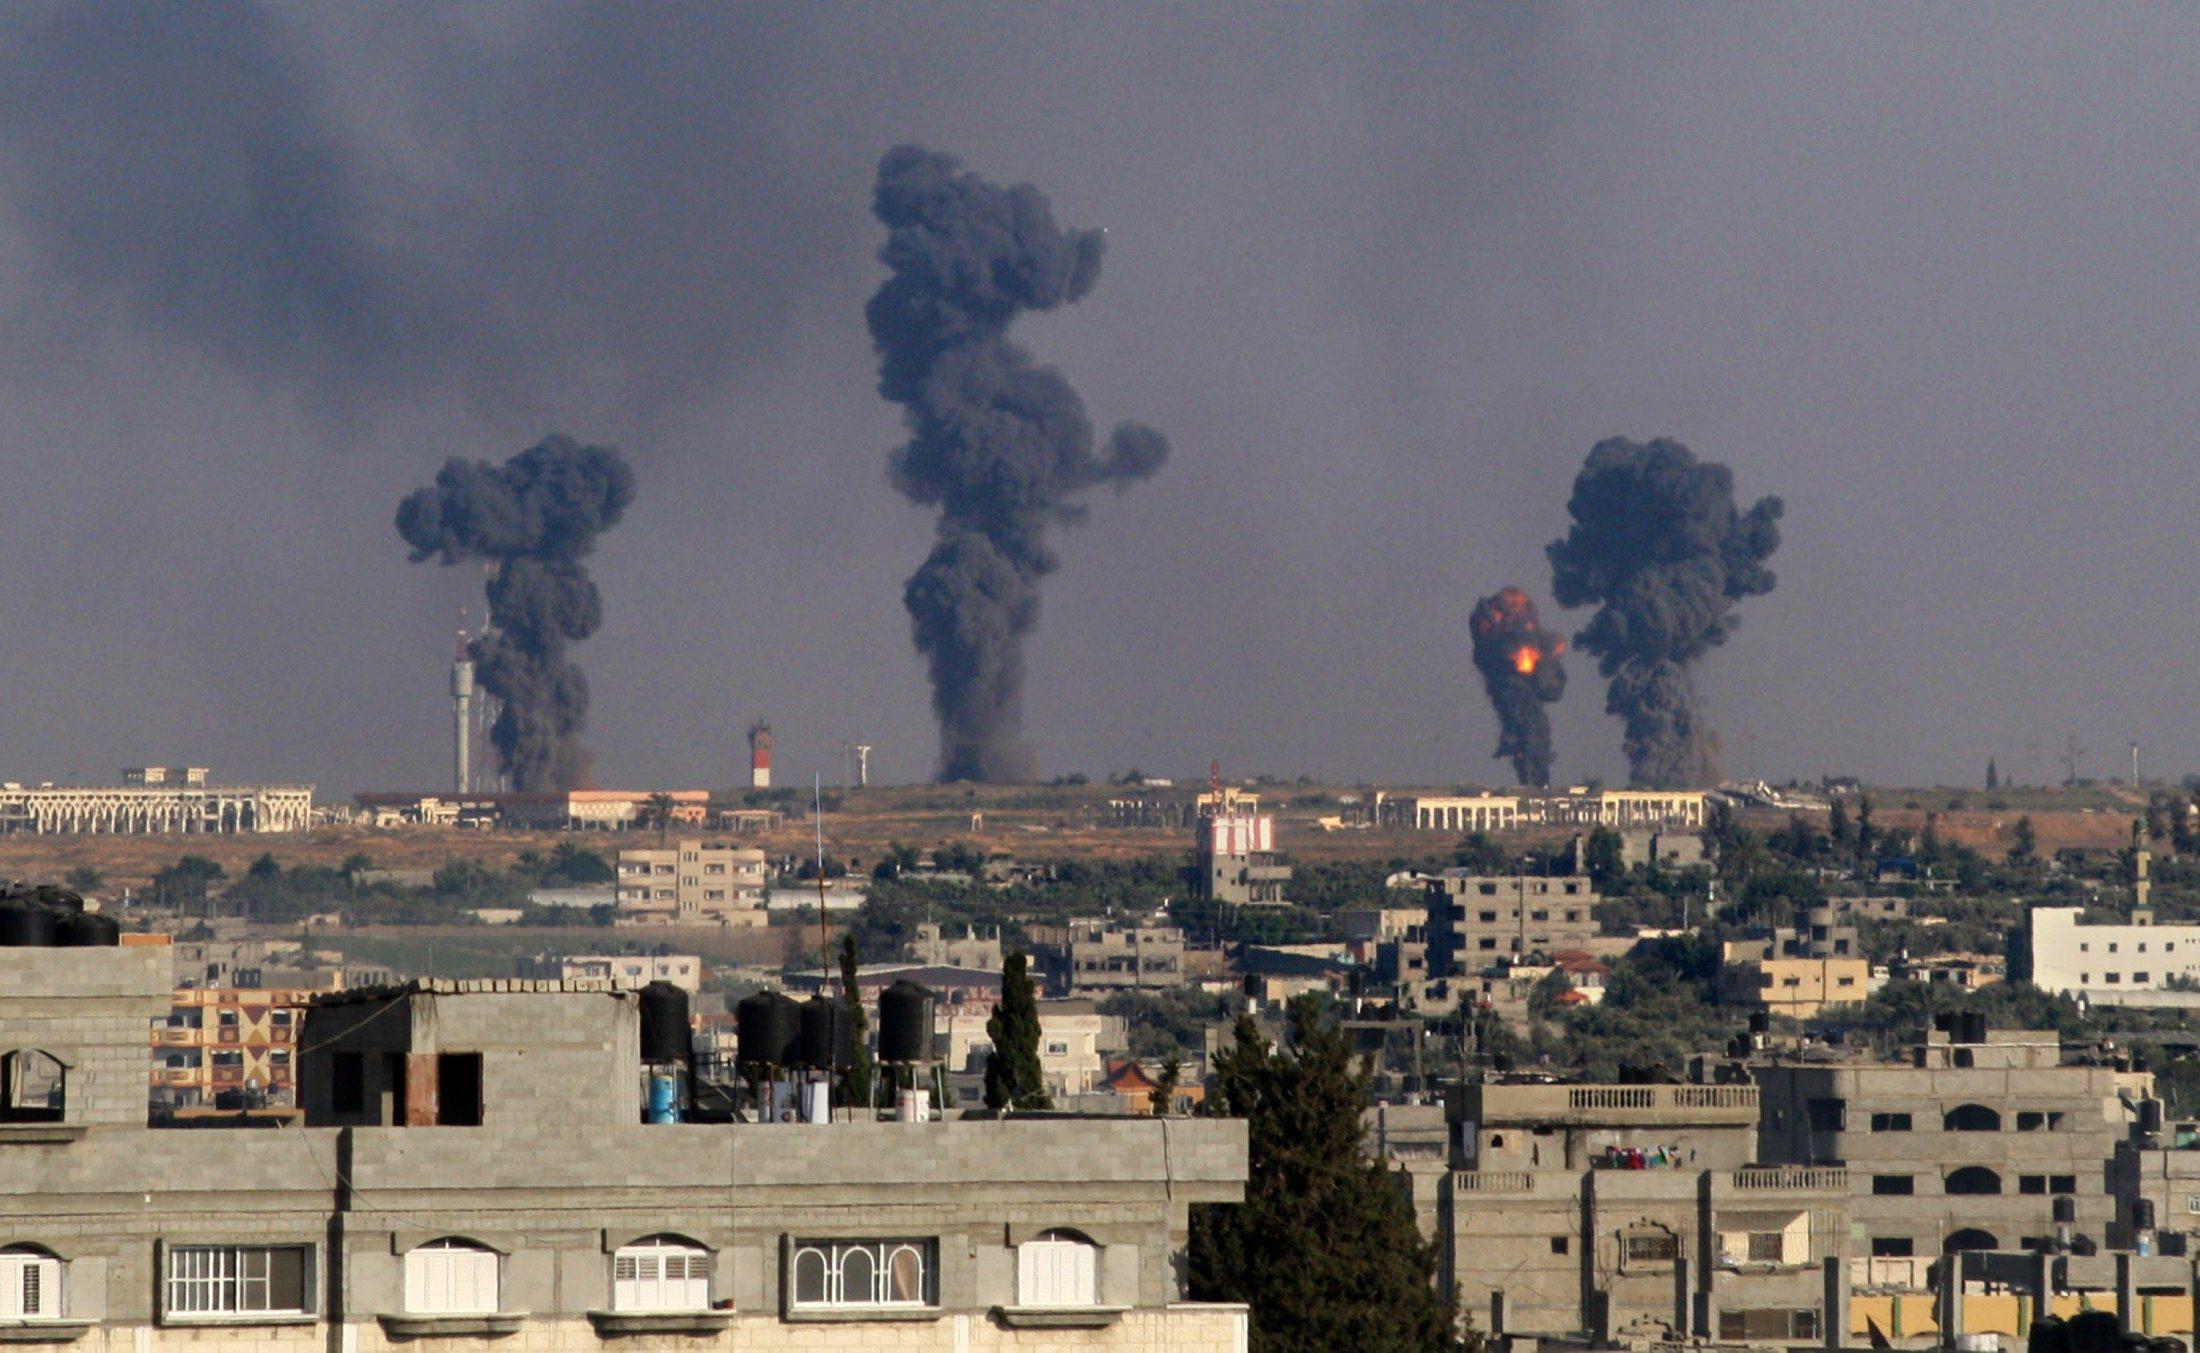 """إسرائيل تطلق على عدوانها """"الصخرة الصلبة""""؛ 17 إصابة بغارات إسرائيلية على غزة"""